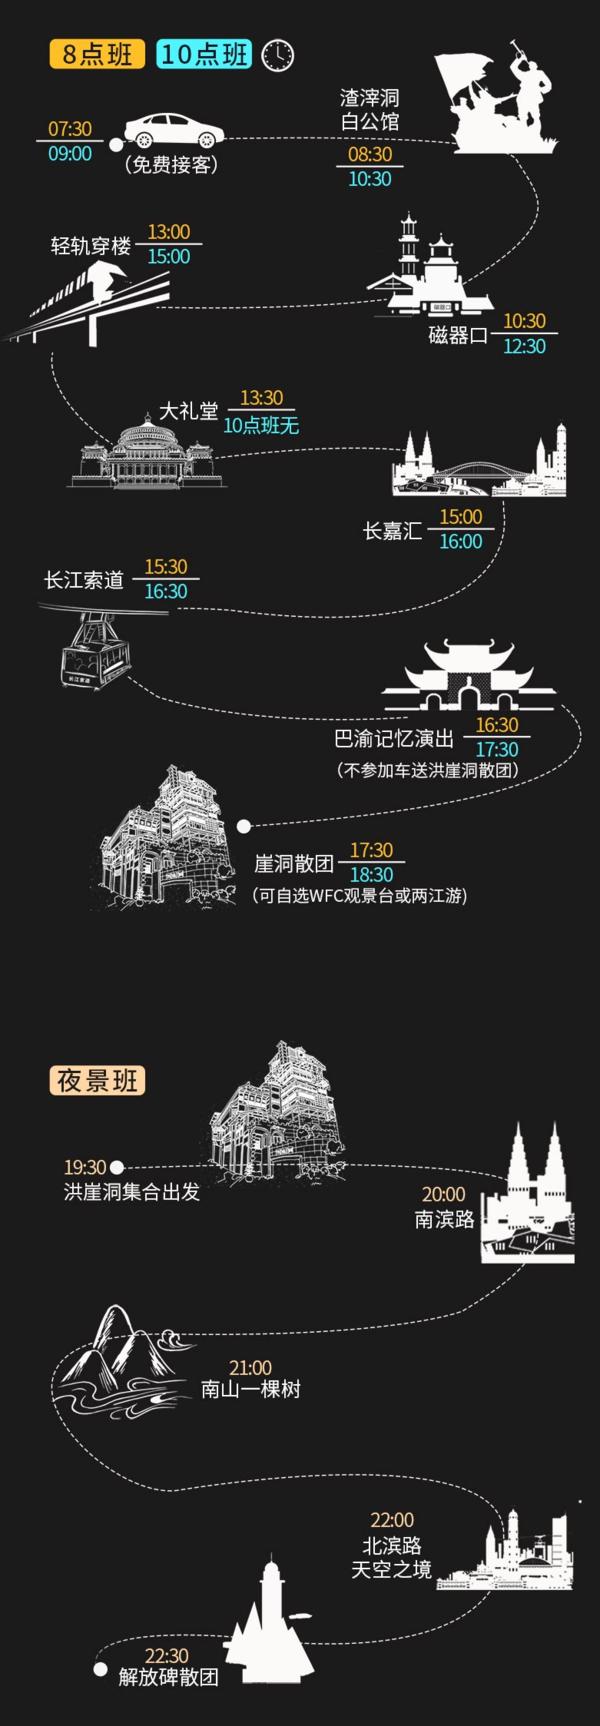 打卡网红景点!重庆市内纯玩1日游( 含长江索道 )